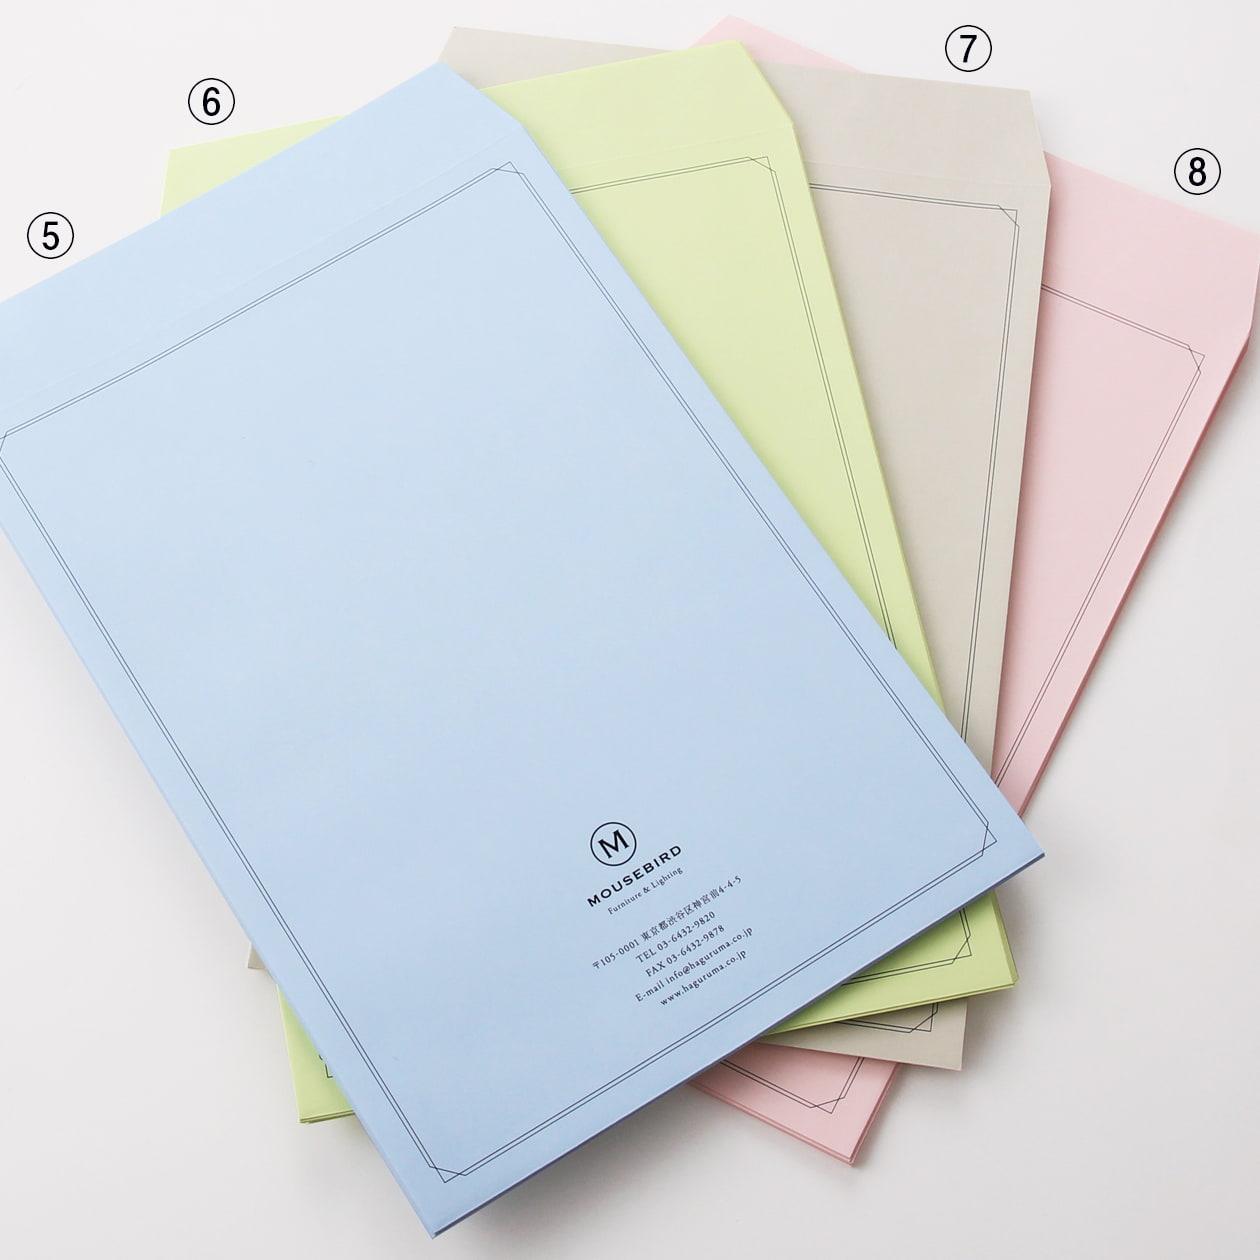 環境に配慮した紙素材の社用封筒